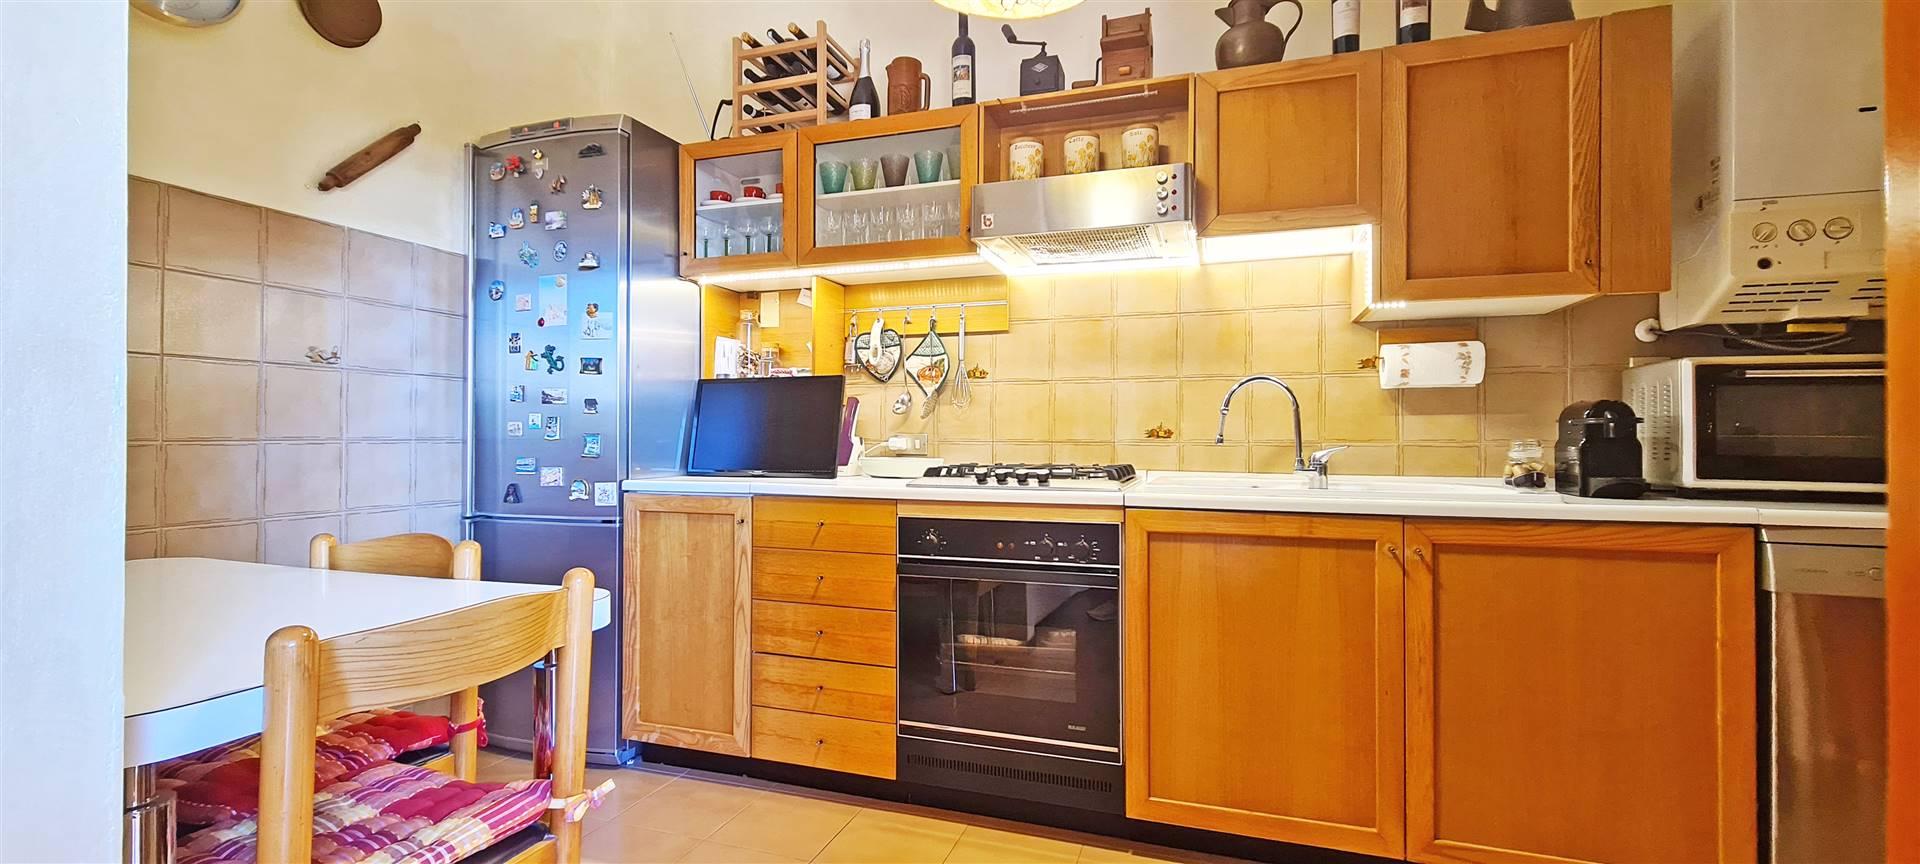 Apartment in BRUGHERIO